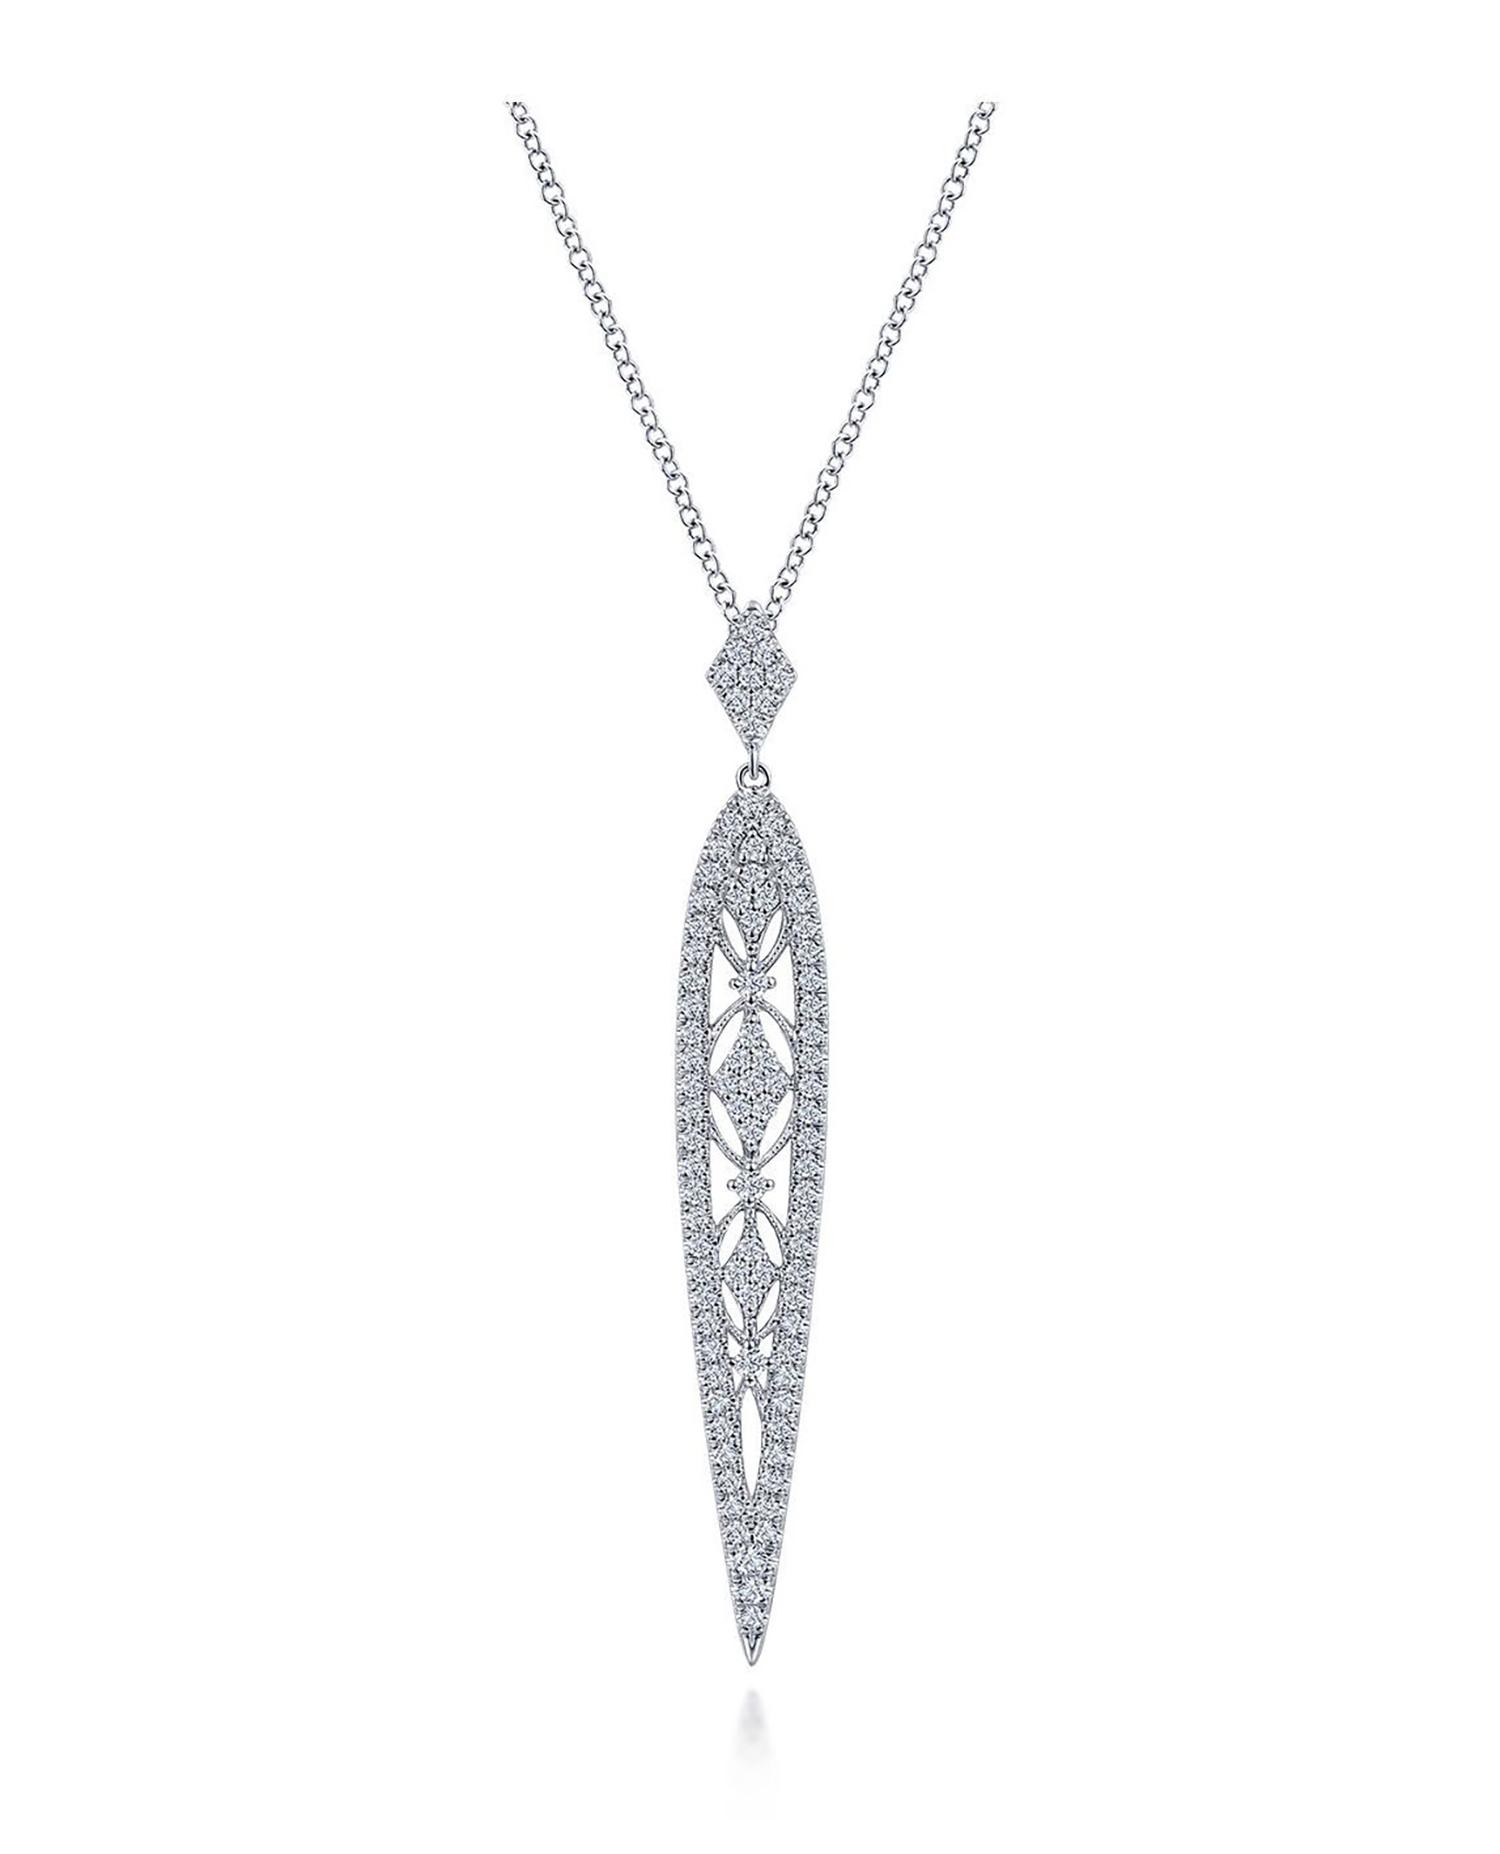 INSTORE Design Awards 2021 – Best Necklace Under $5,000